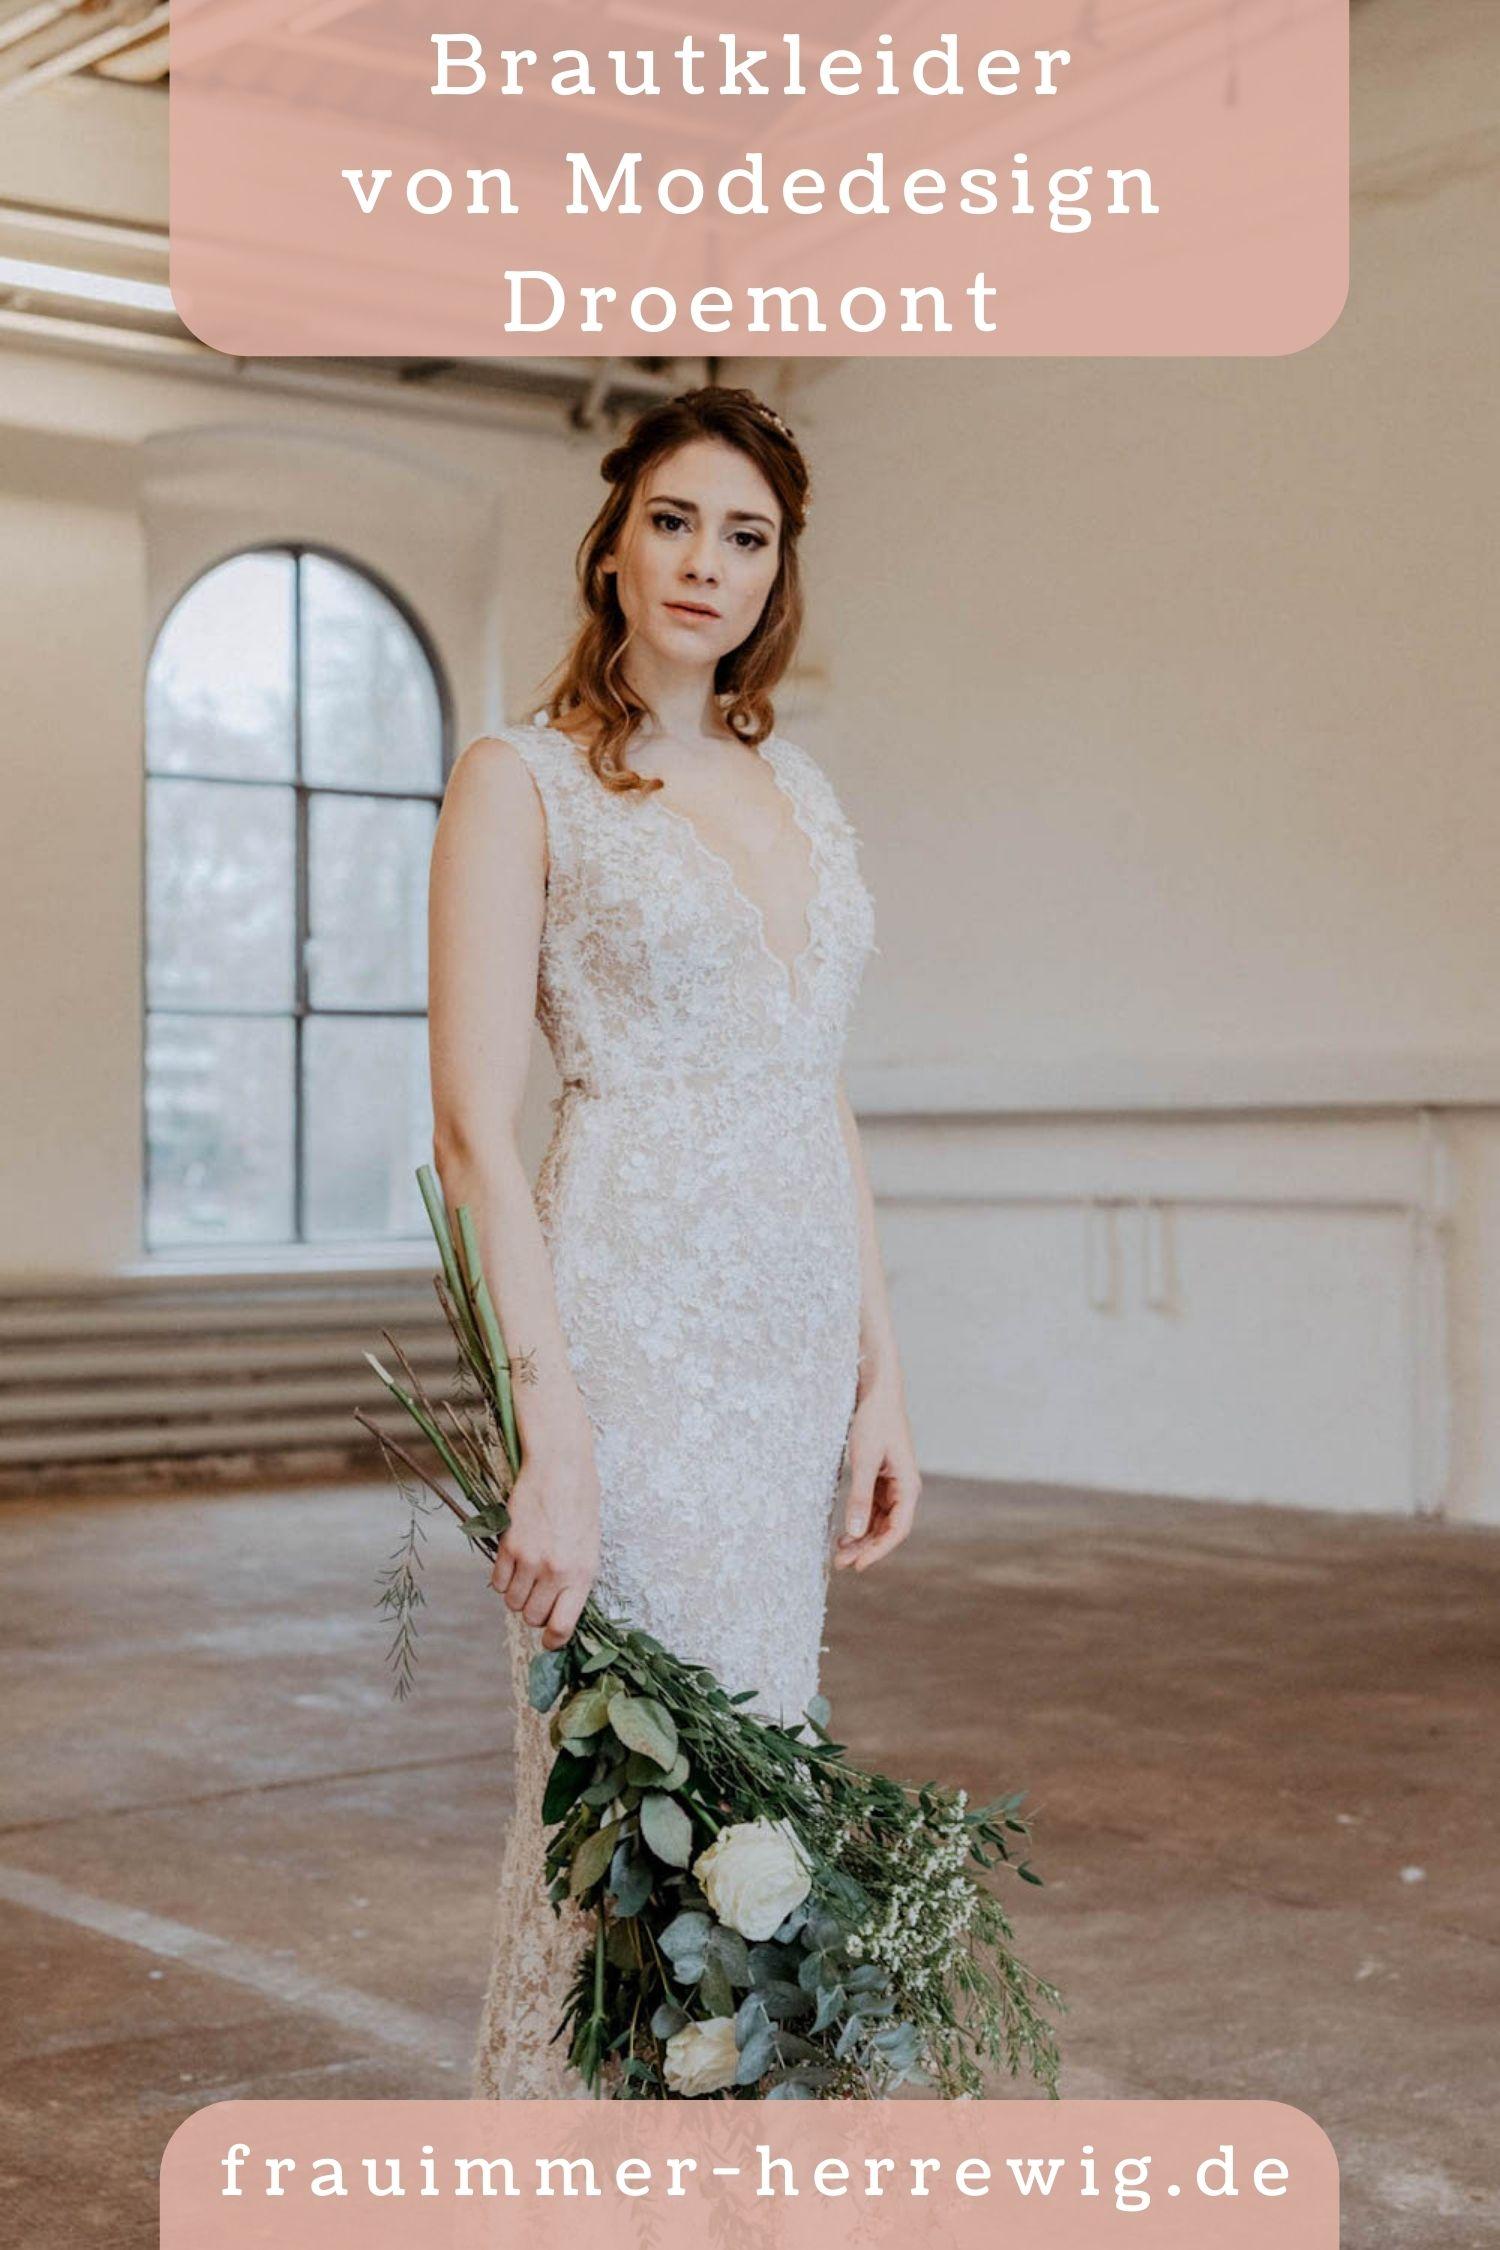 Brautkleider modedesign droemont – gesehen bei frauimmer-herrewig.de